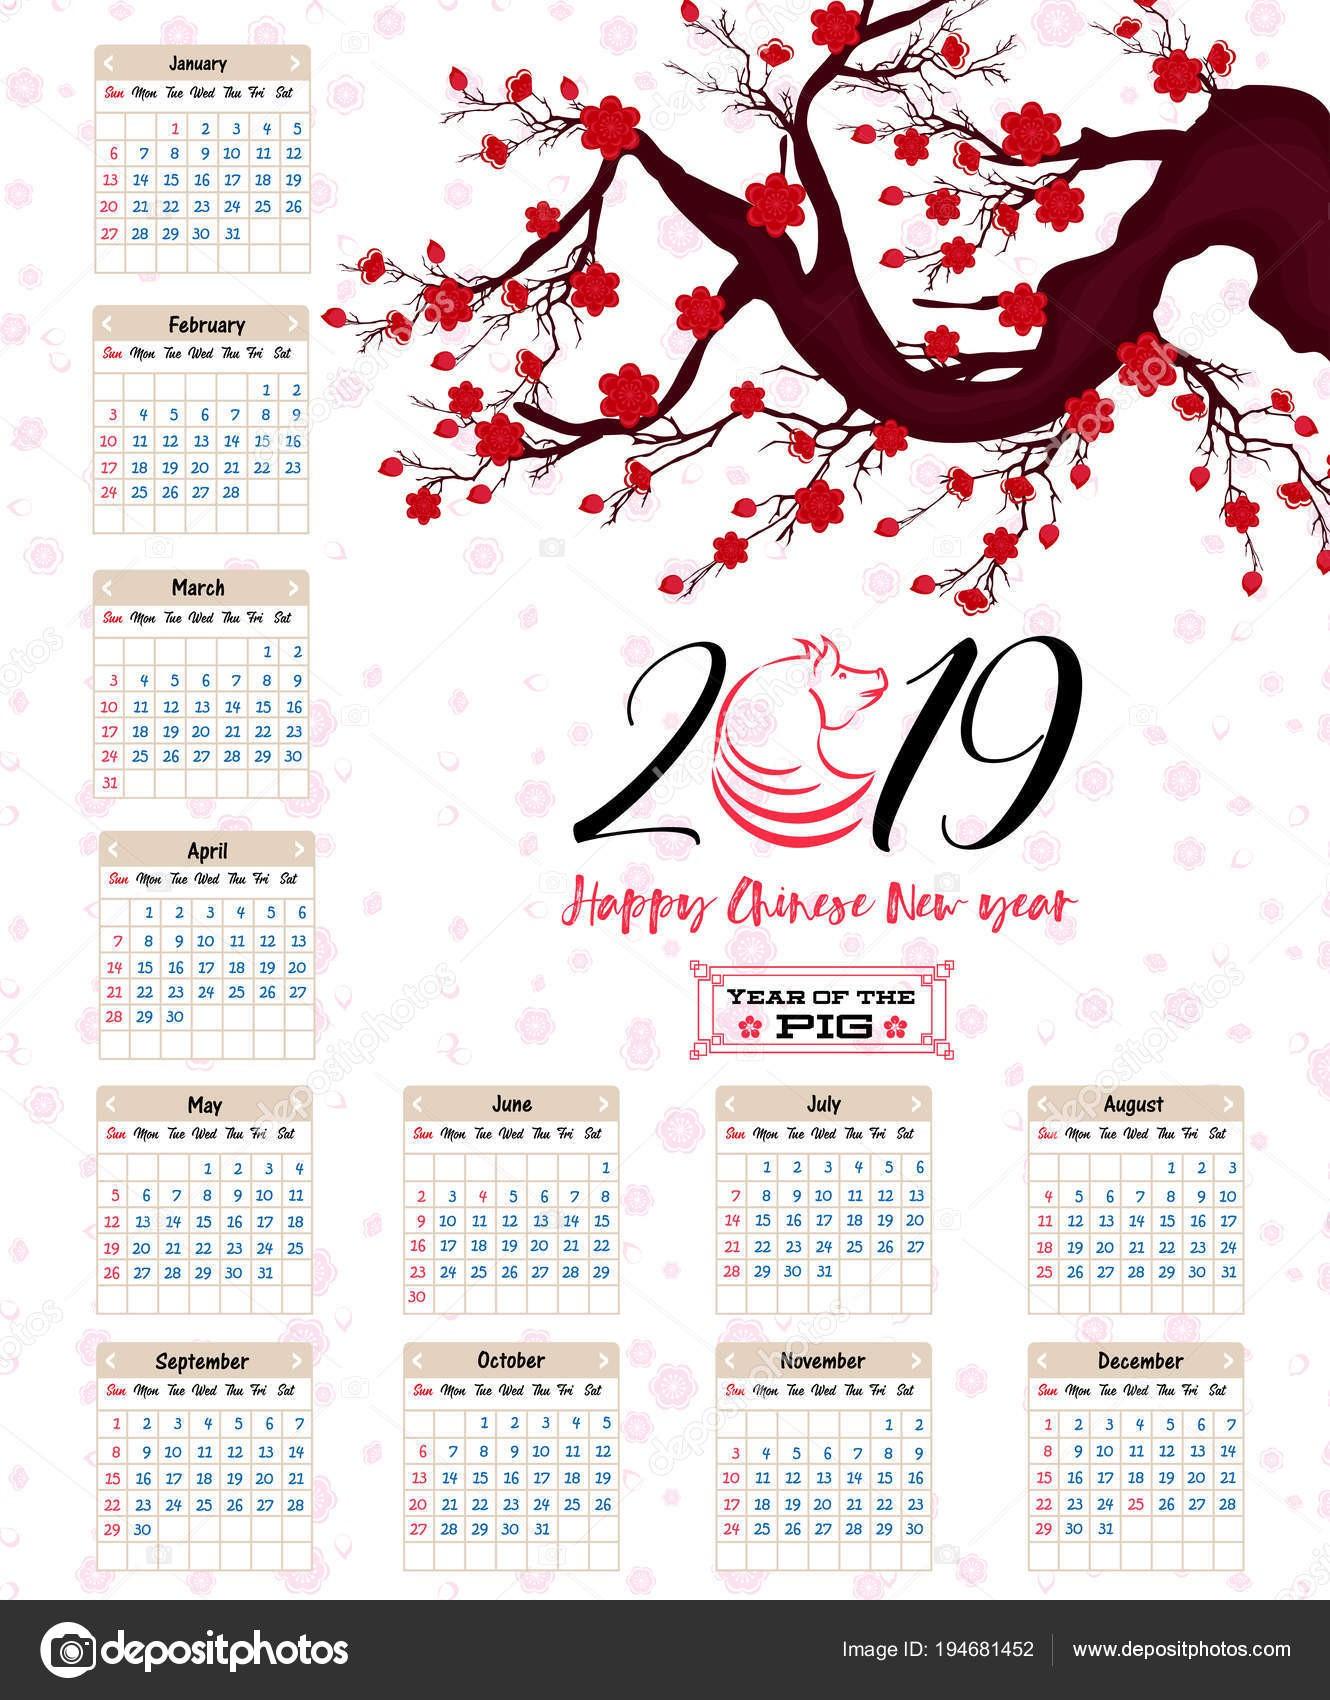 Kalendář 2019 čnsk½ kalendář pro Å¡Å¥astn½ nov½ rok 2019 rok prasete — Vektor od